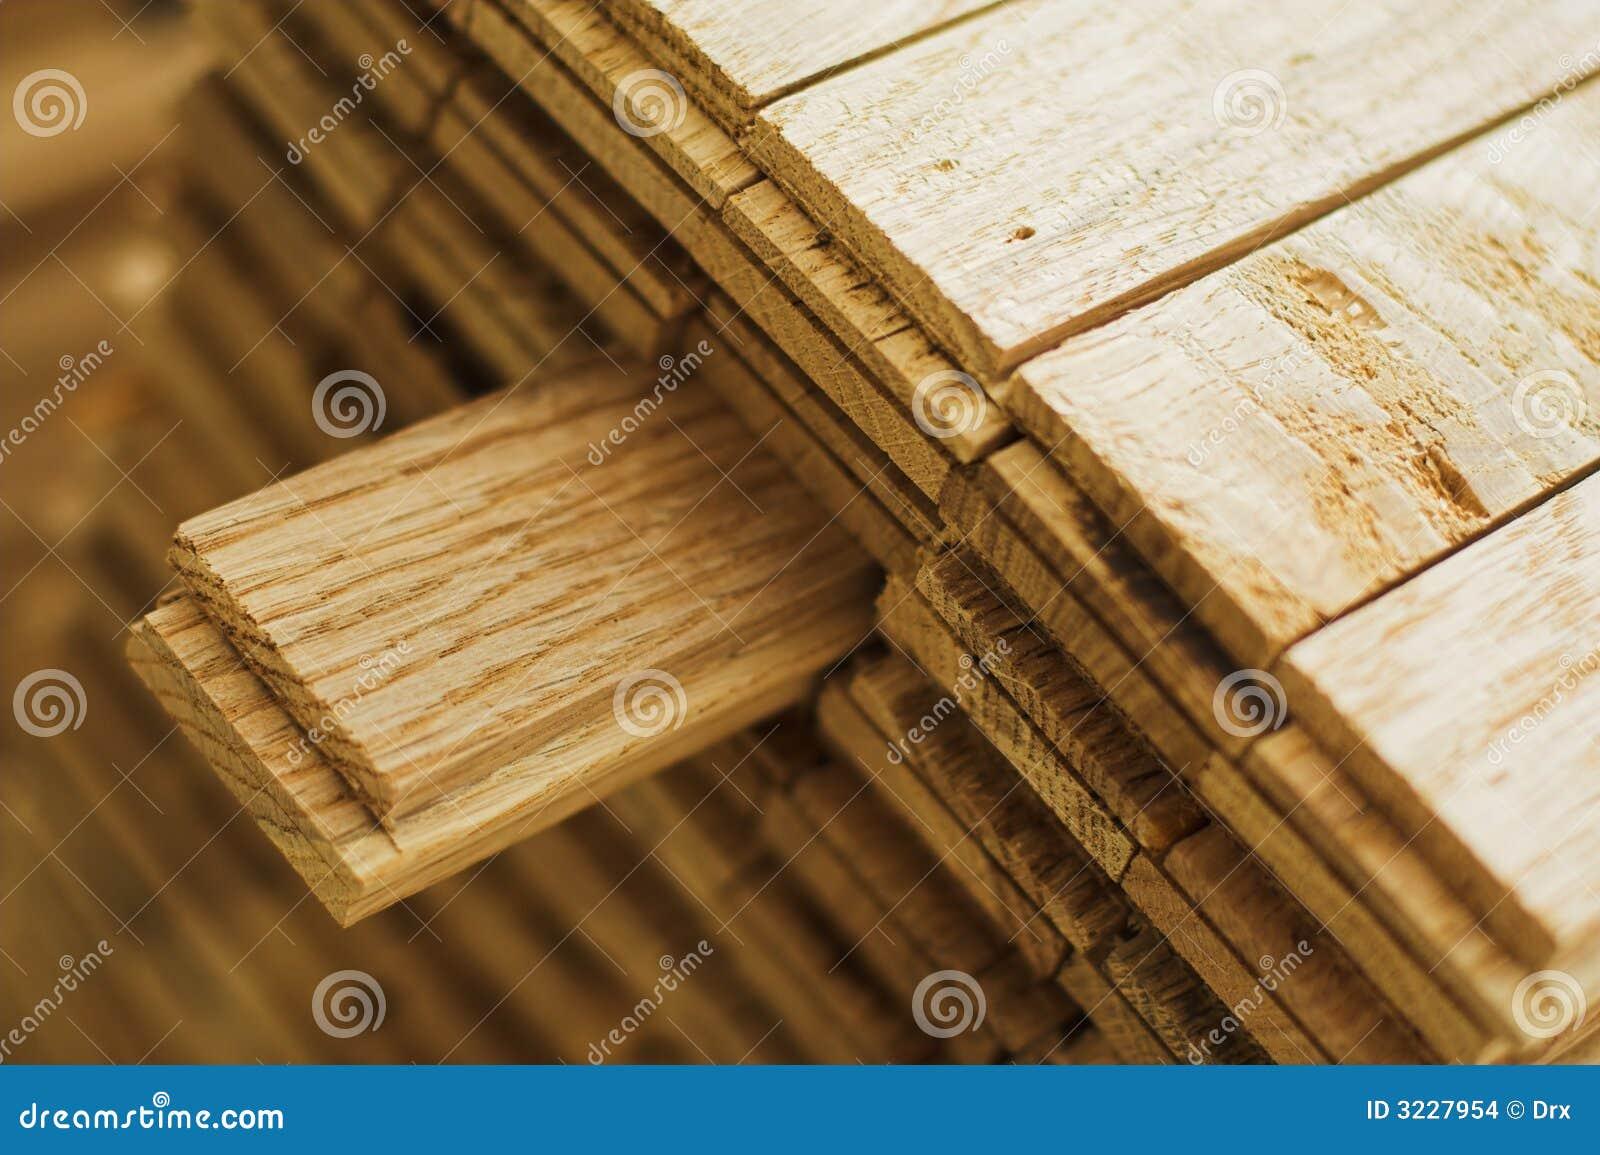 Wood Parquet Piece Stock Images  Image 3227954